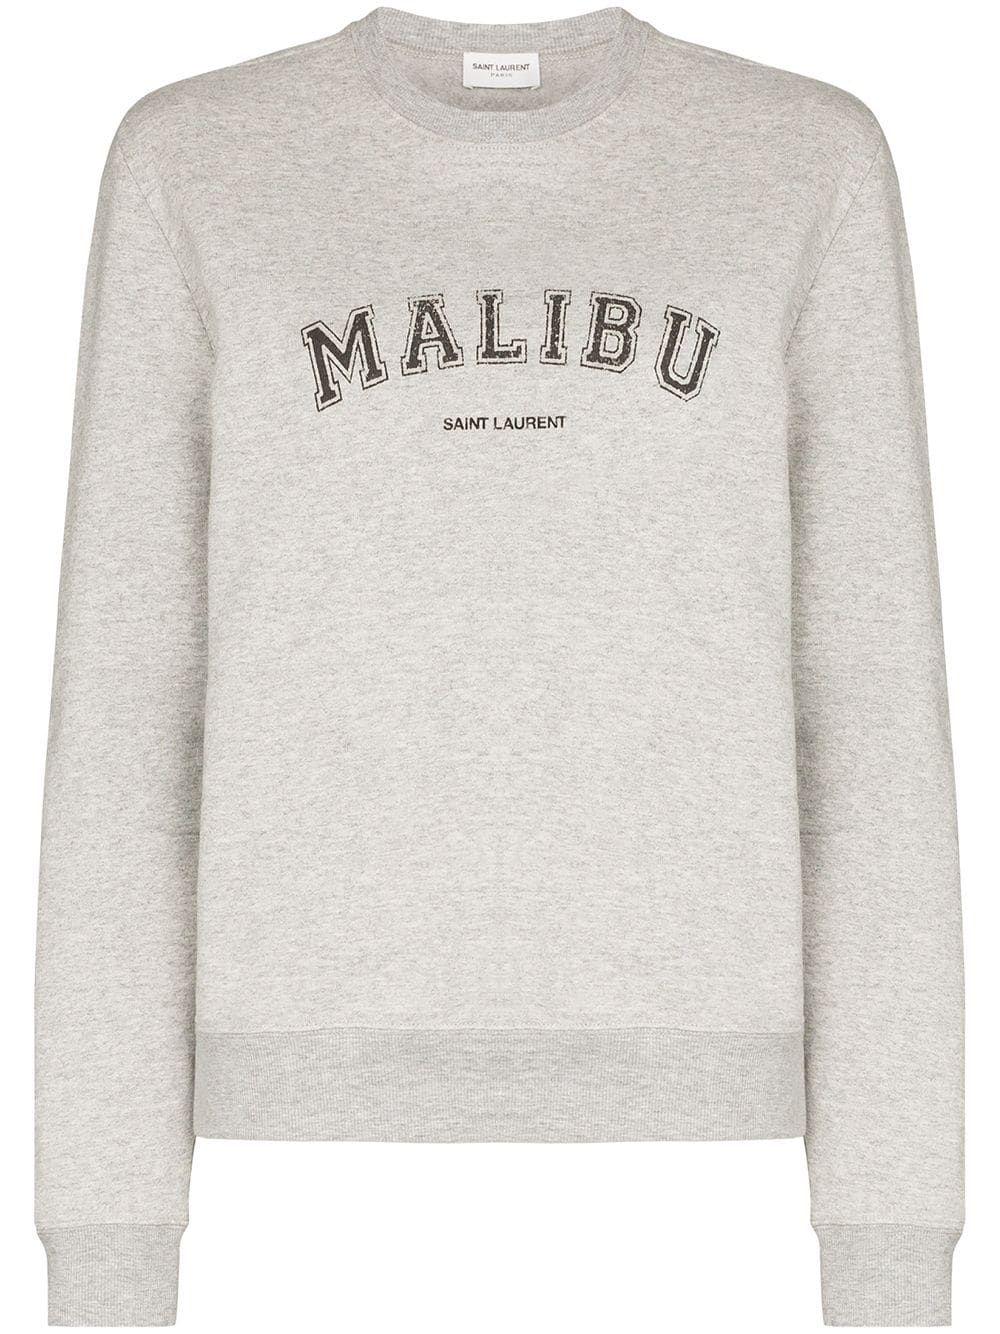 Saint Laurent Malibu Crew Neck Sweatshirt Farfetch In 2021 Sweatshirts Saint Laurent Workout Sweatshirt [ 1334 x 1000 Pixel ]